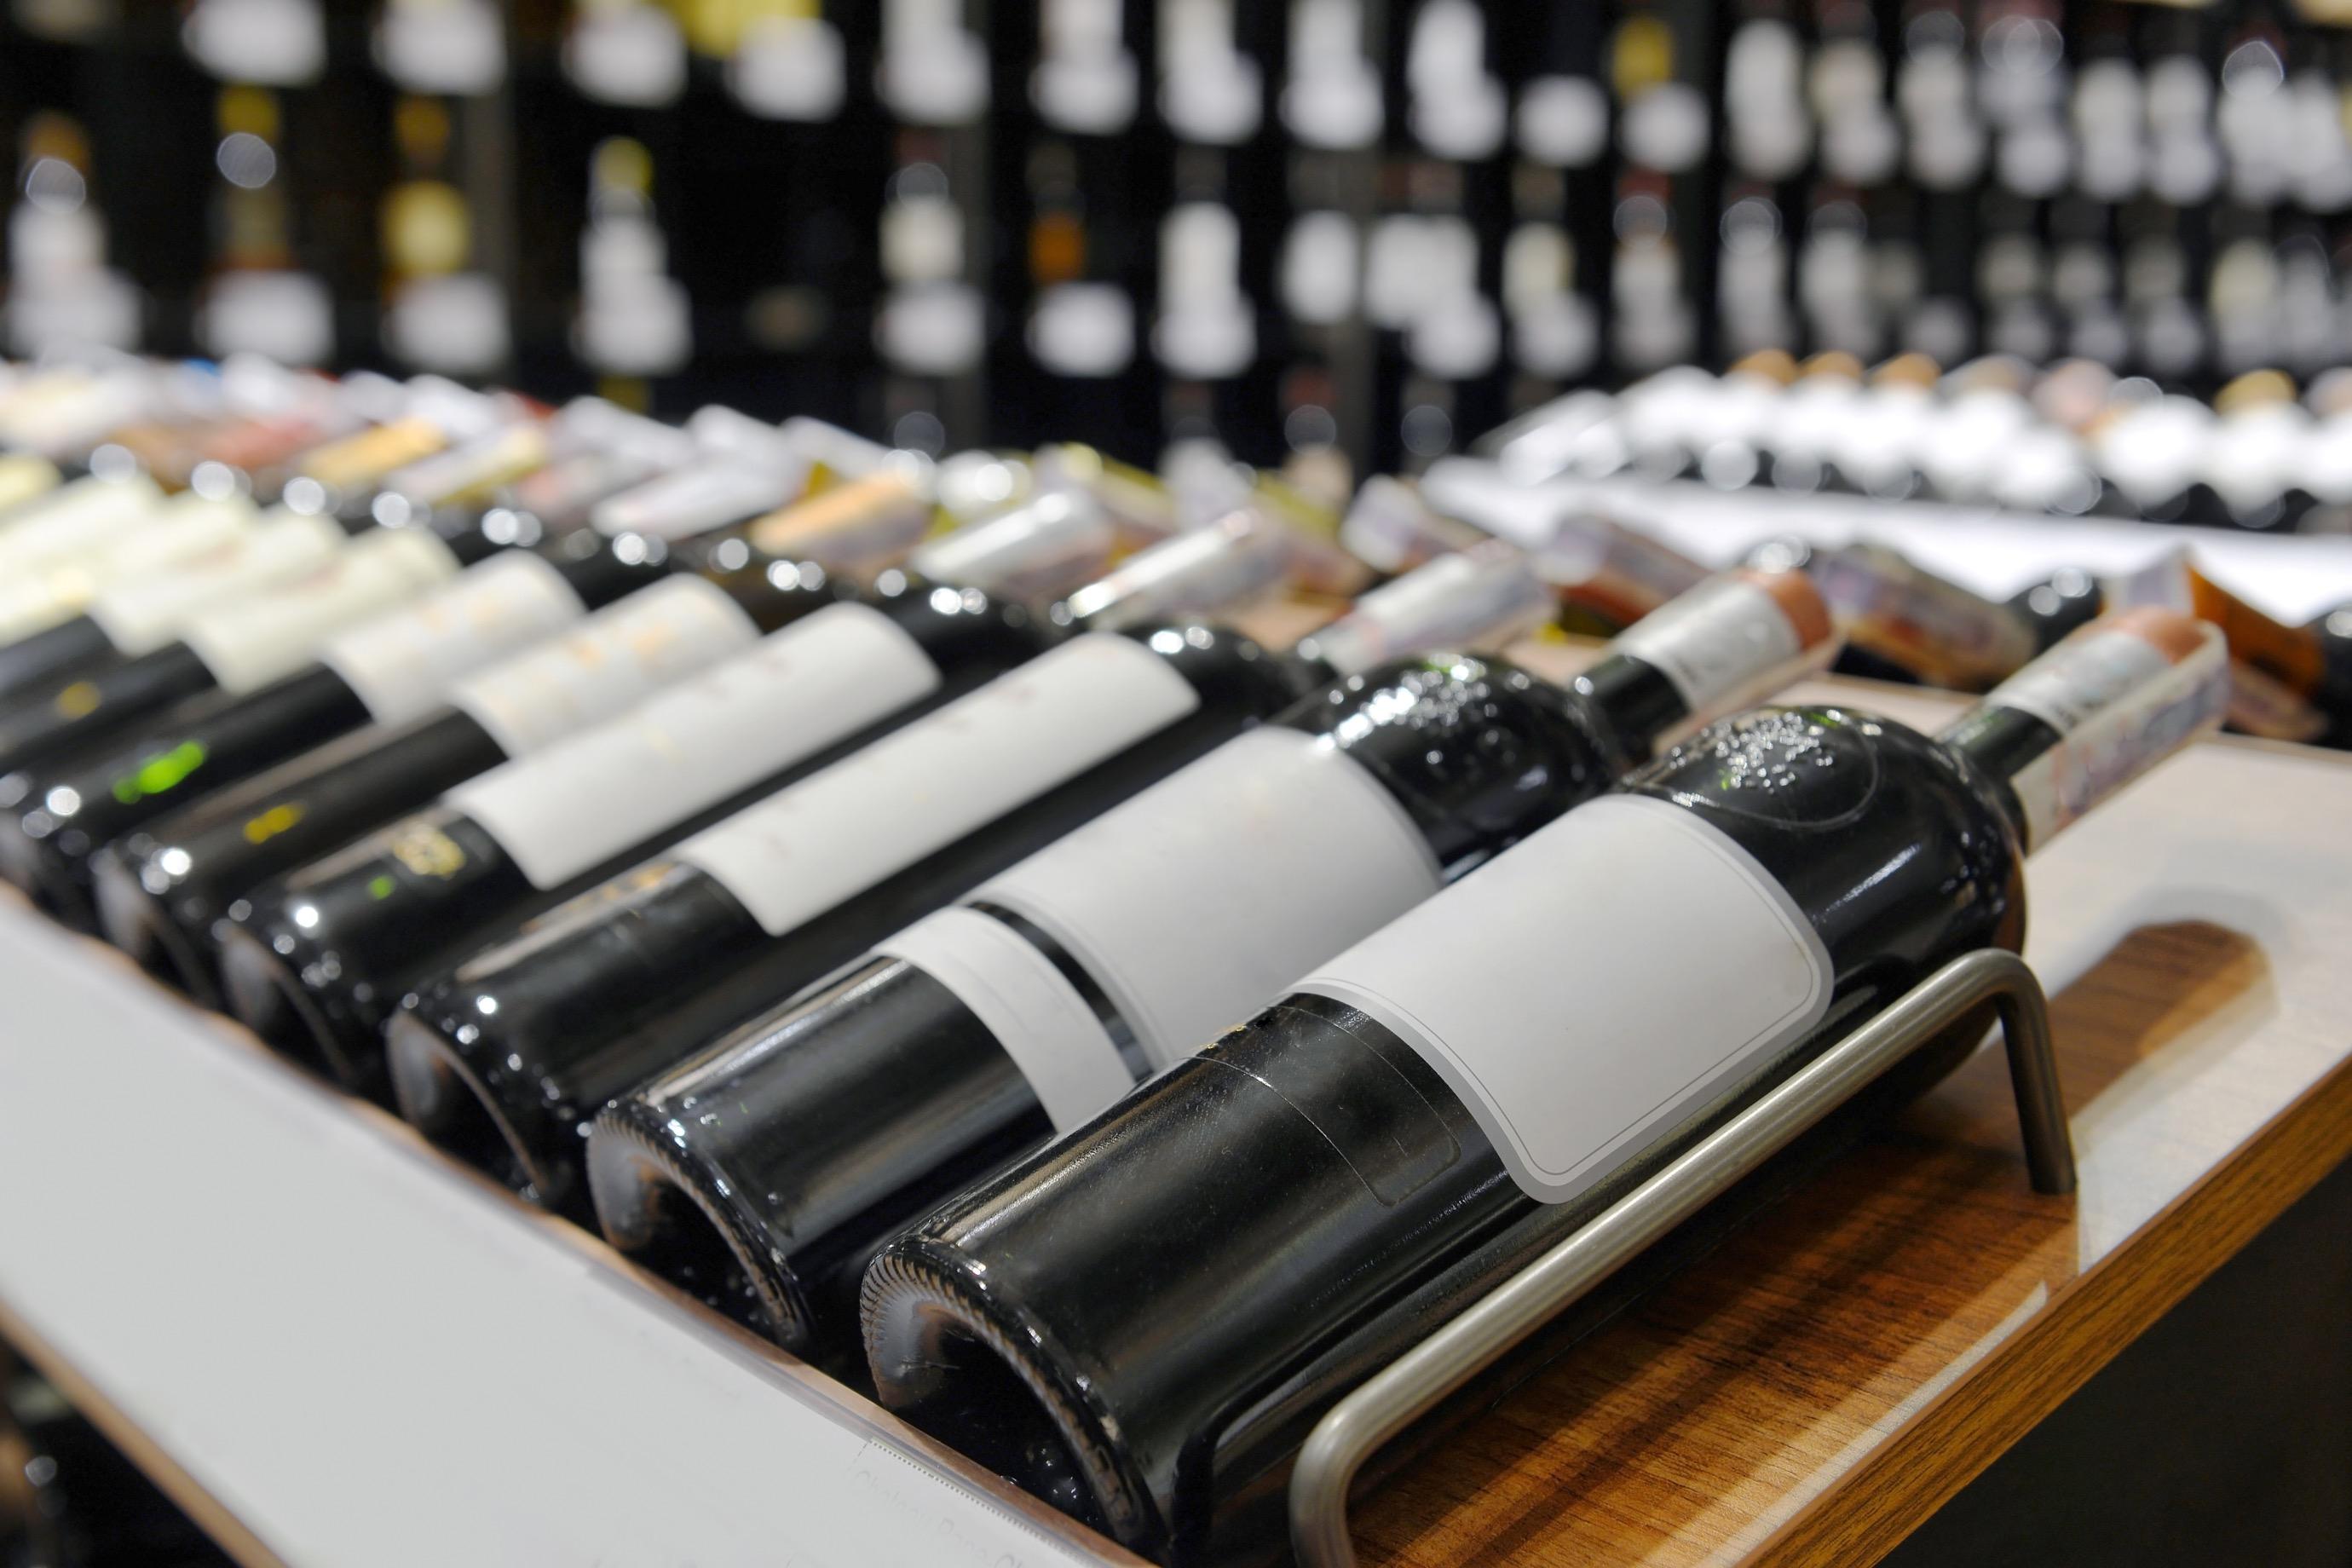 【日欧EPA発効】欧州ワインが関税ゼロに!どれくらい安くなる?